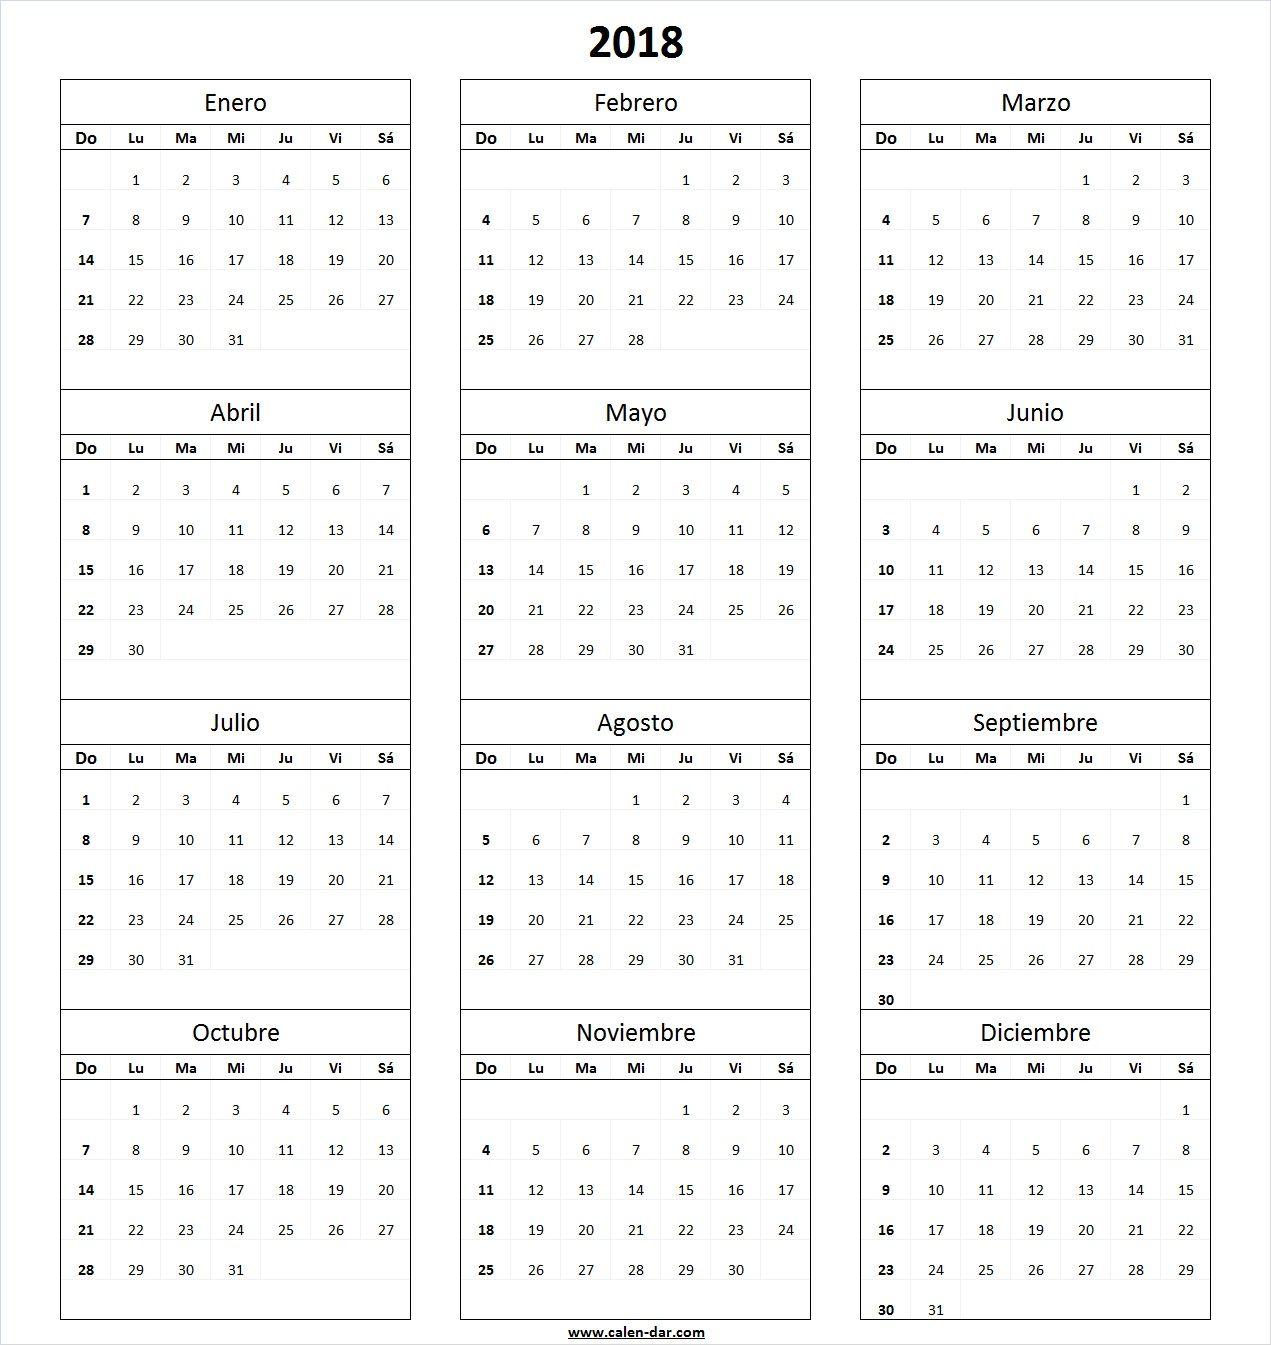 Calendario 2018 Para Imprimir por meses | Proyectos que intentar ...